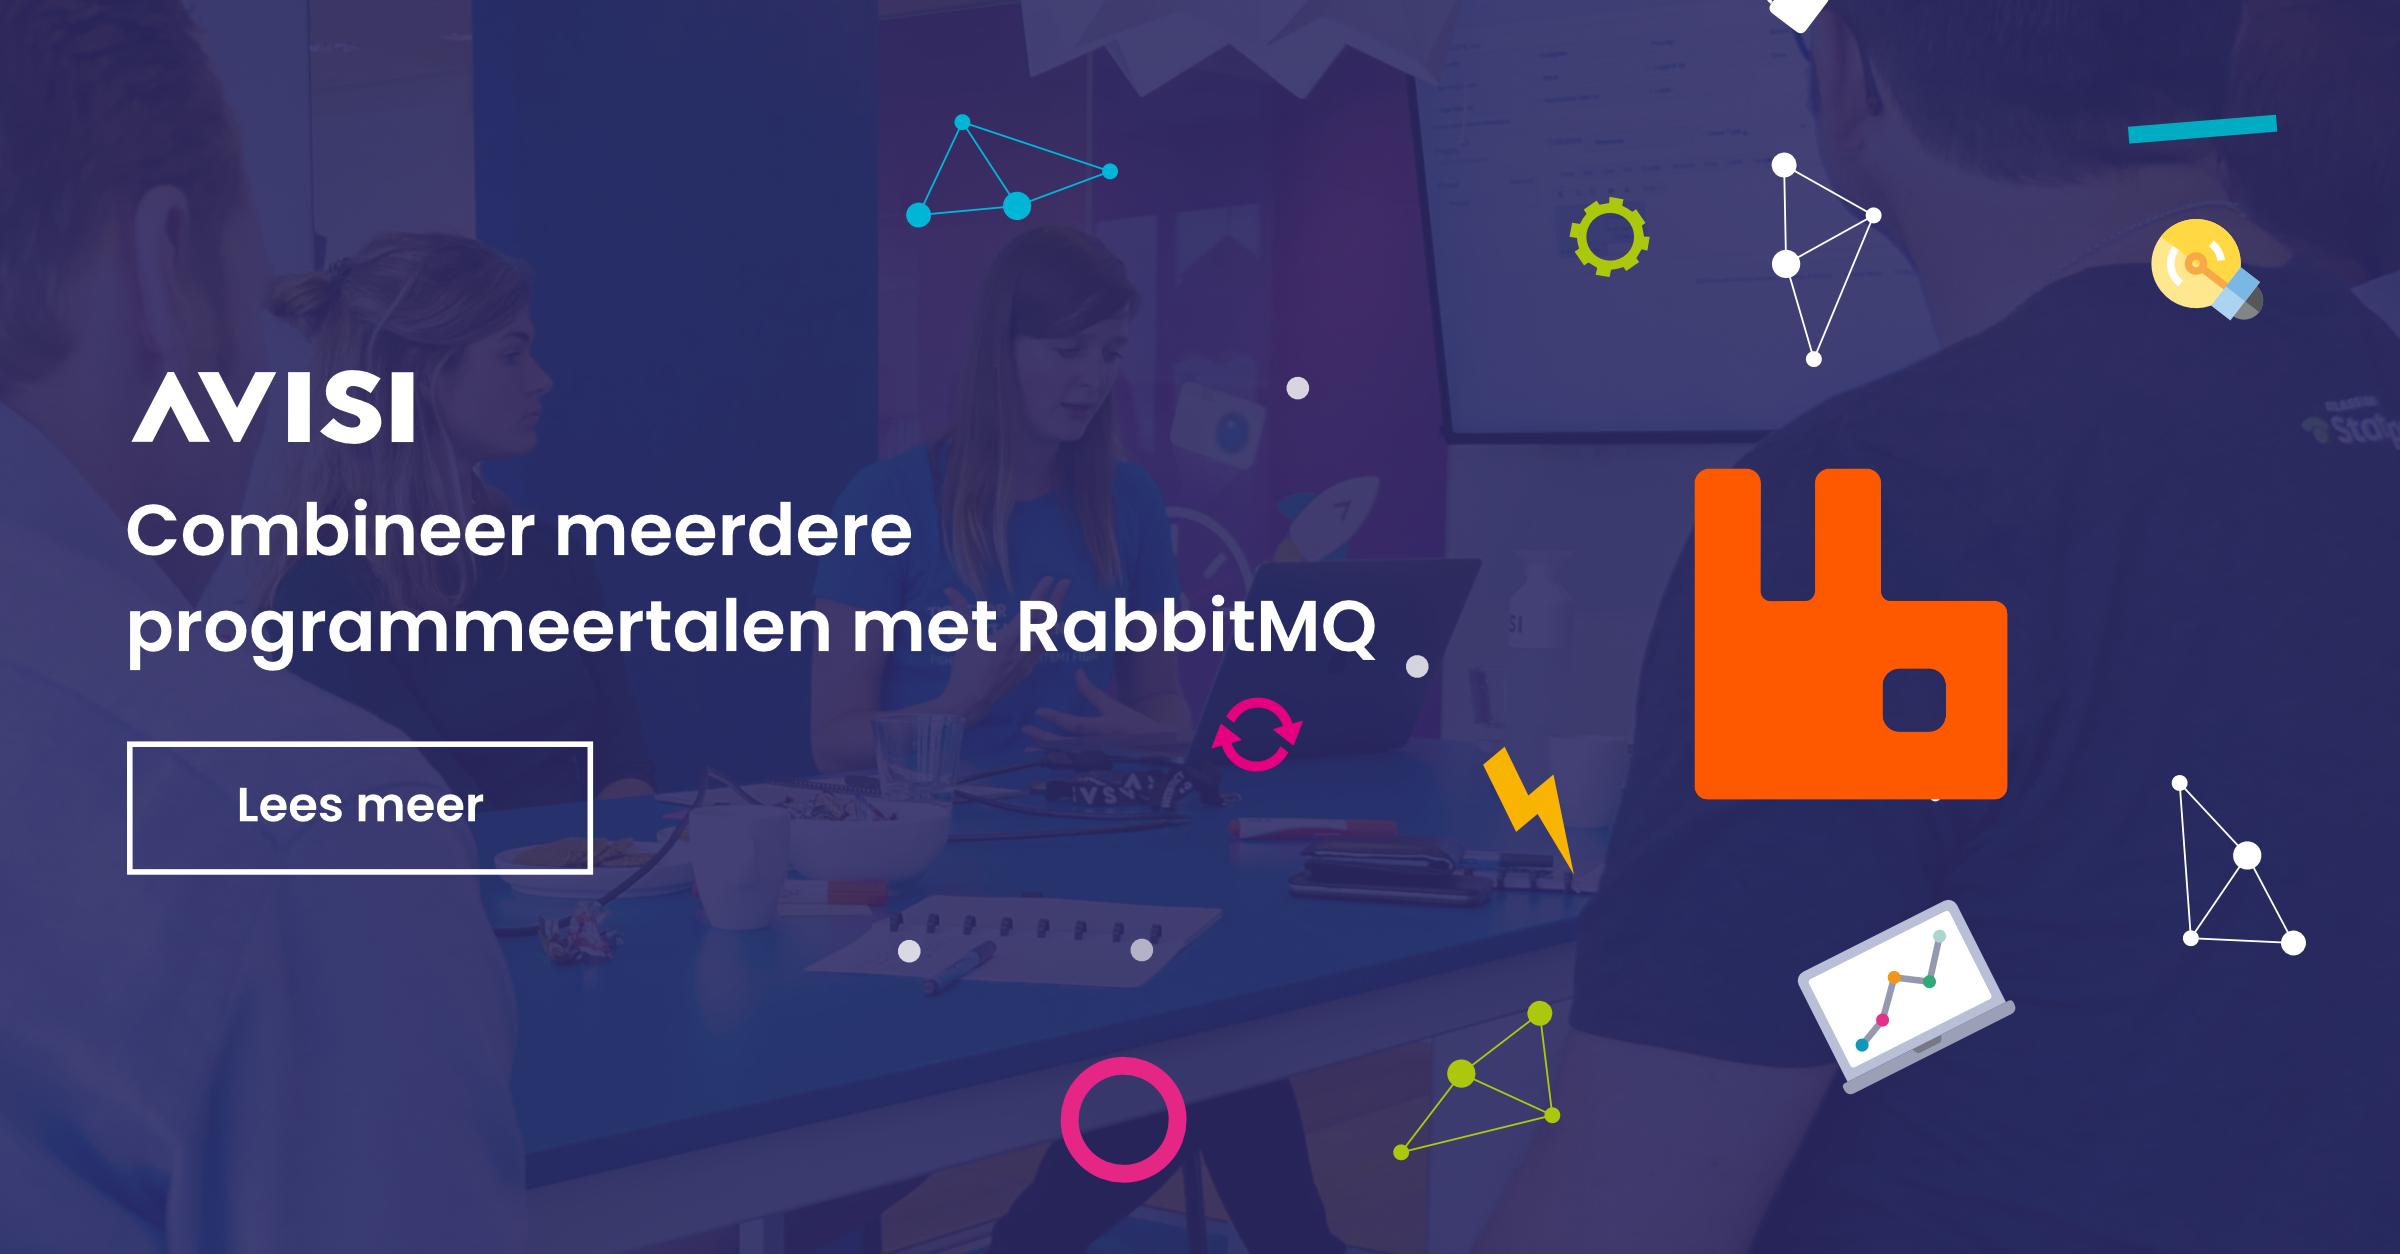 Combineer meerdere programmeertalen met RabbitMQ